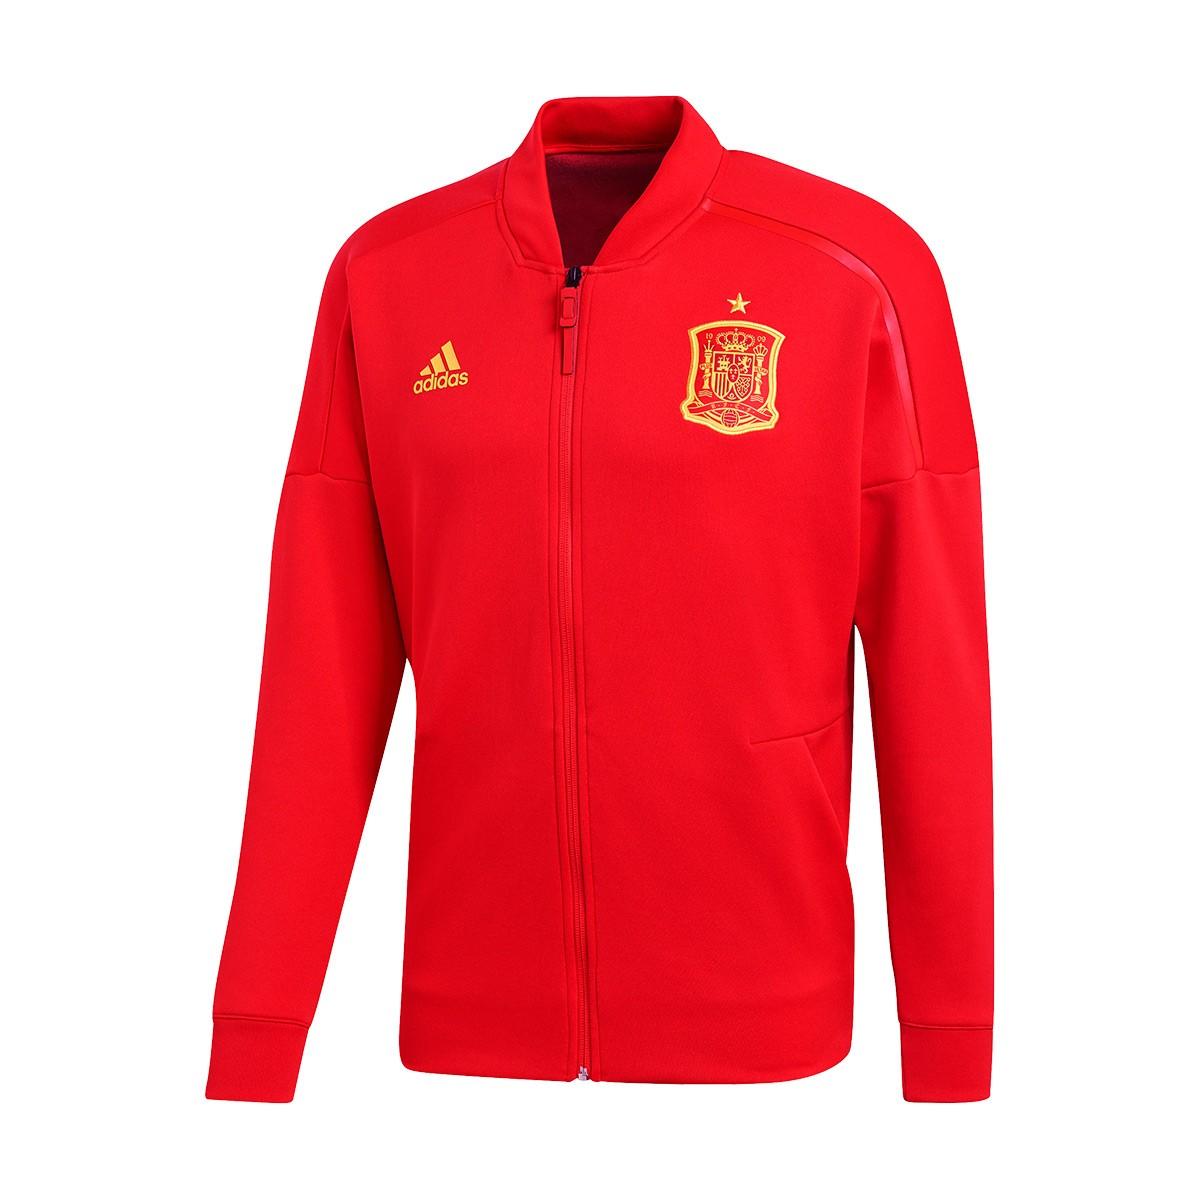 luz de sol Mejor Escalera  Jacket adidas Spain ZNE Kn 2017-2018 Red - Football store Fútbol Emotion